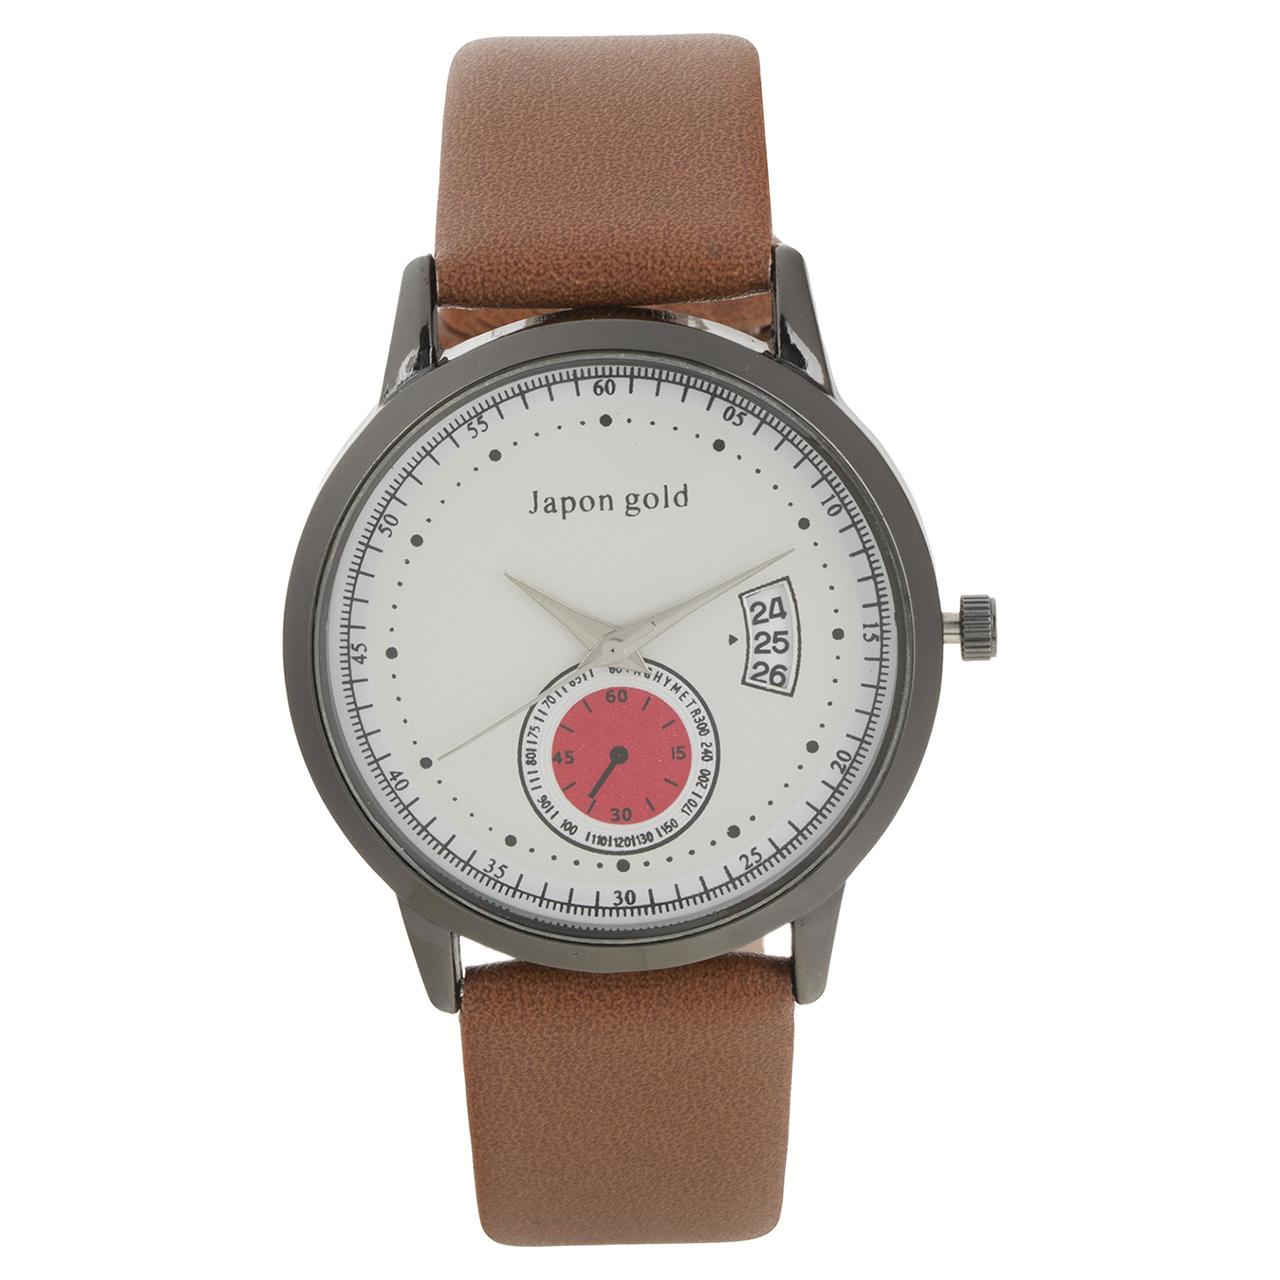 ساعت مچی عقربه ای ژاپن گلد مدل Zm01 49